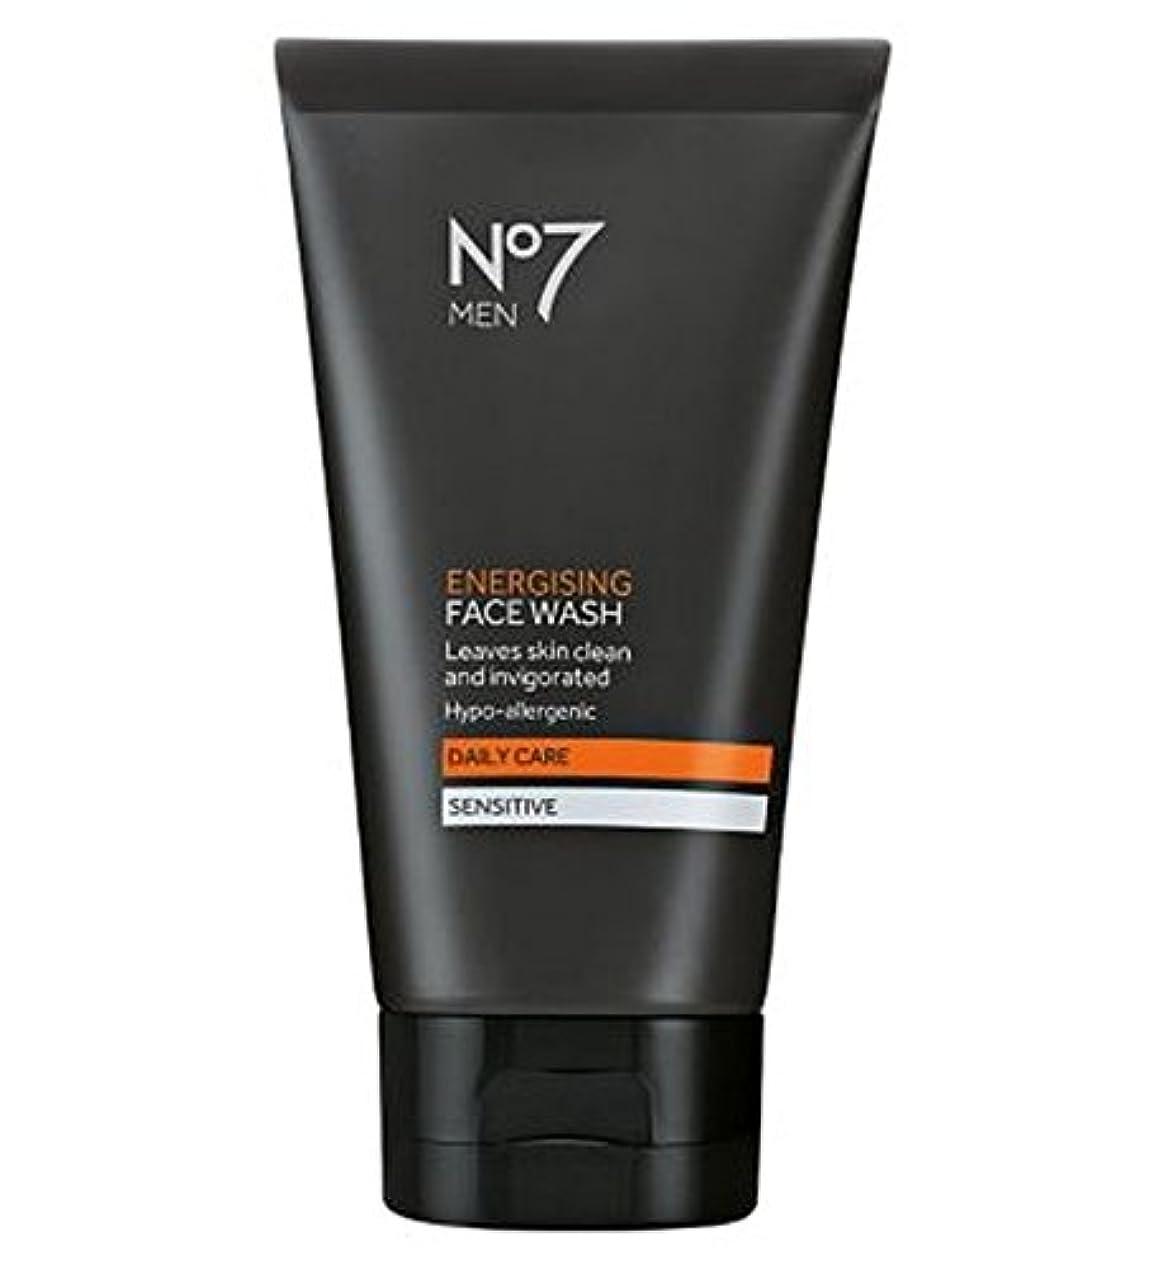 横オズワルド抽象化洗顔料の150ミリリットルを通電No7の男性 (No7) (x2) - No7 Men Energising Face Wash 150ml (Pack of 2) [並行輸入品]